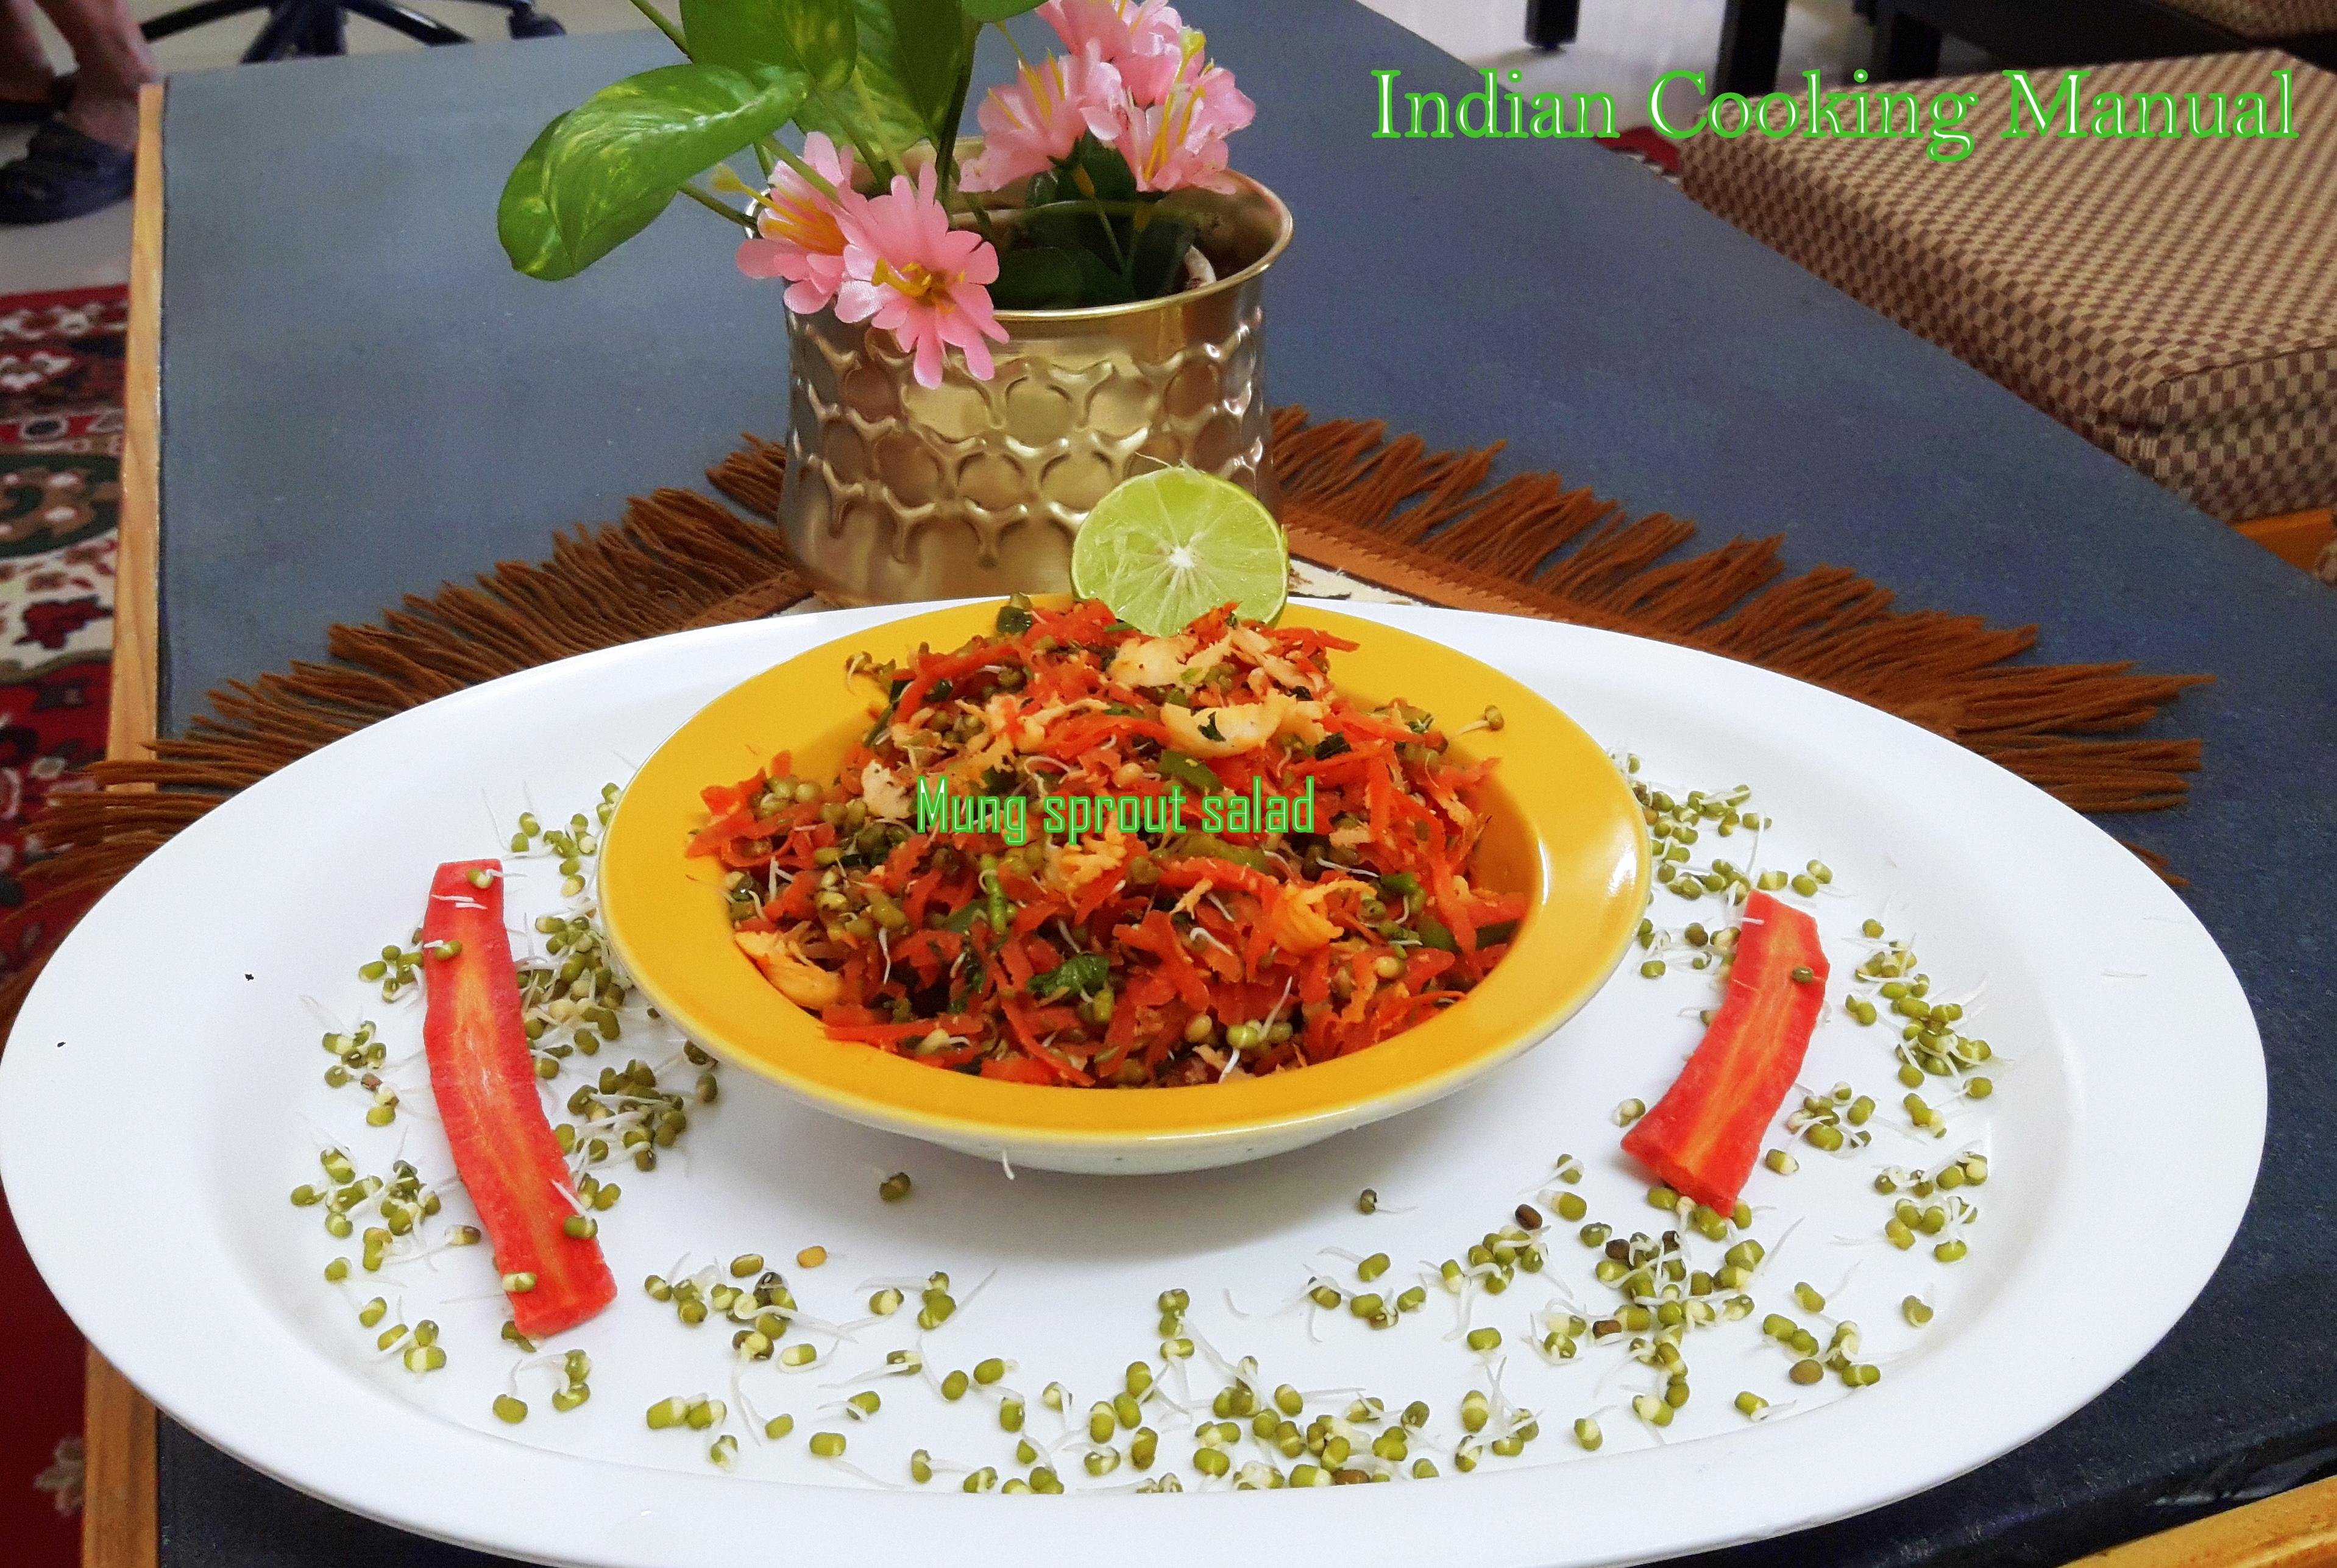 Moong/Mung (Green gram) sprouts salad